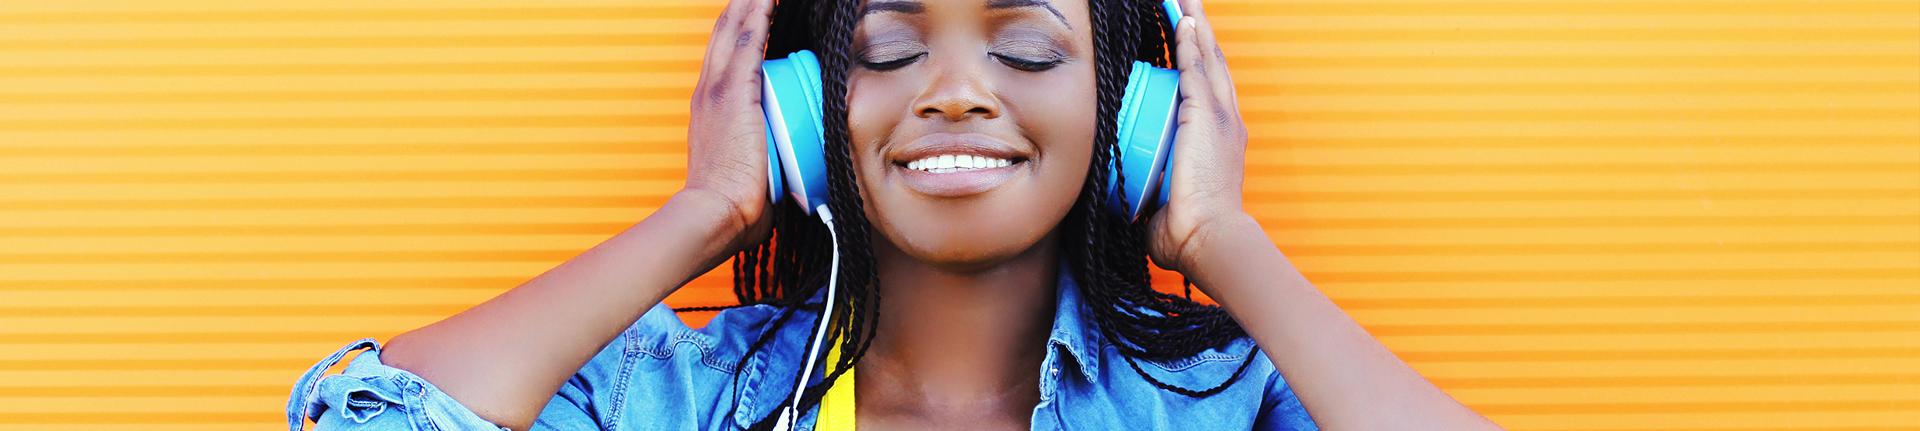 Musicoterapia: a música como um mantra para o corpo